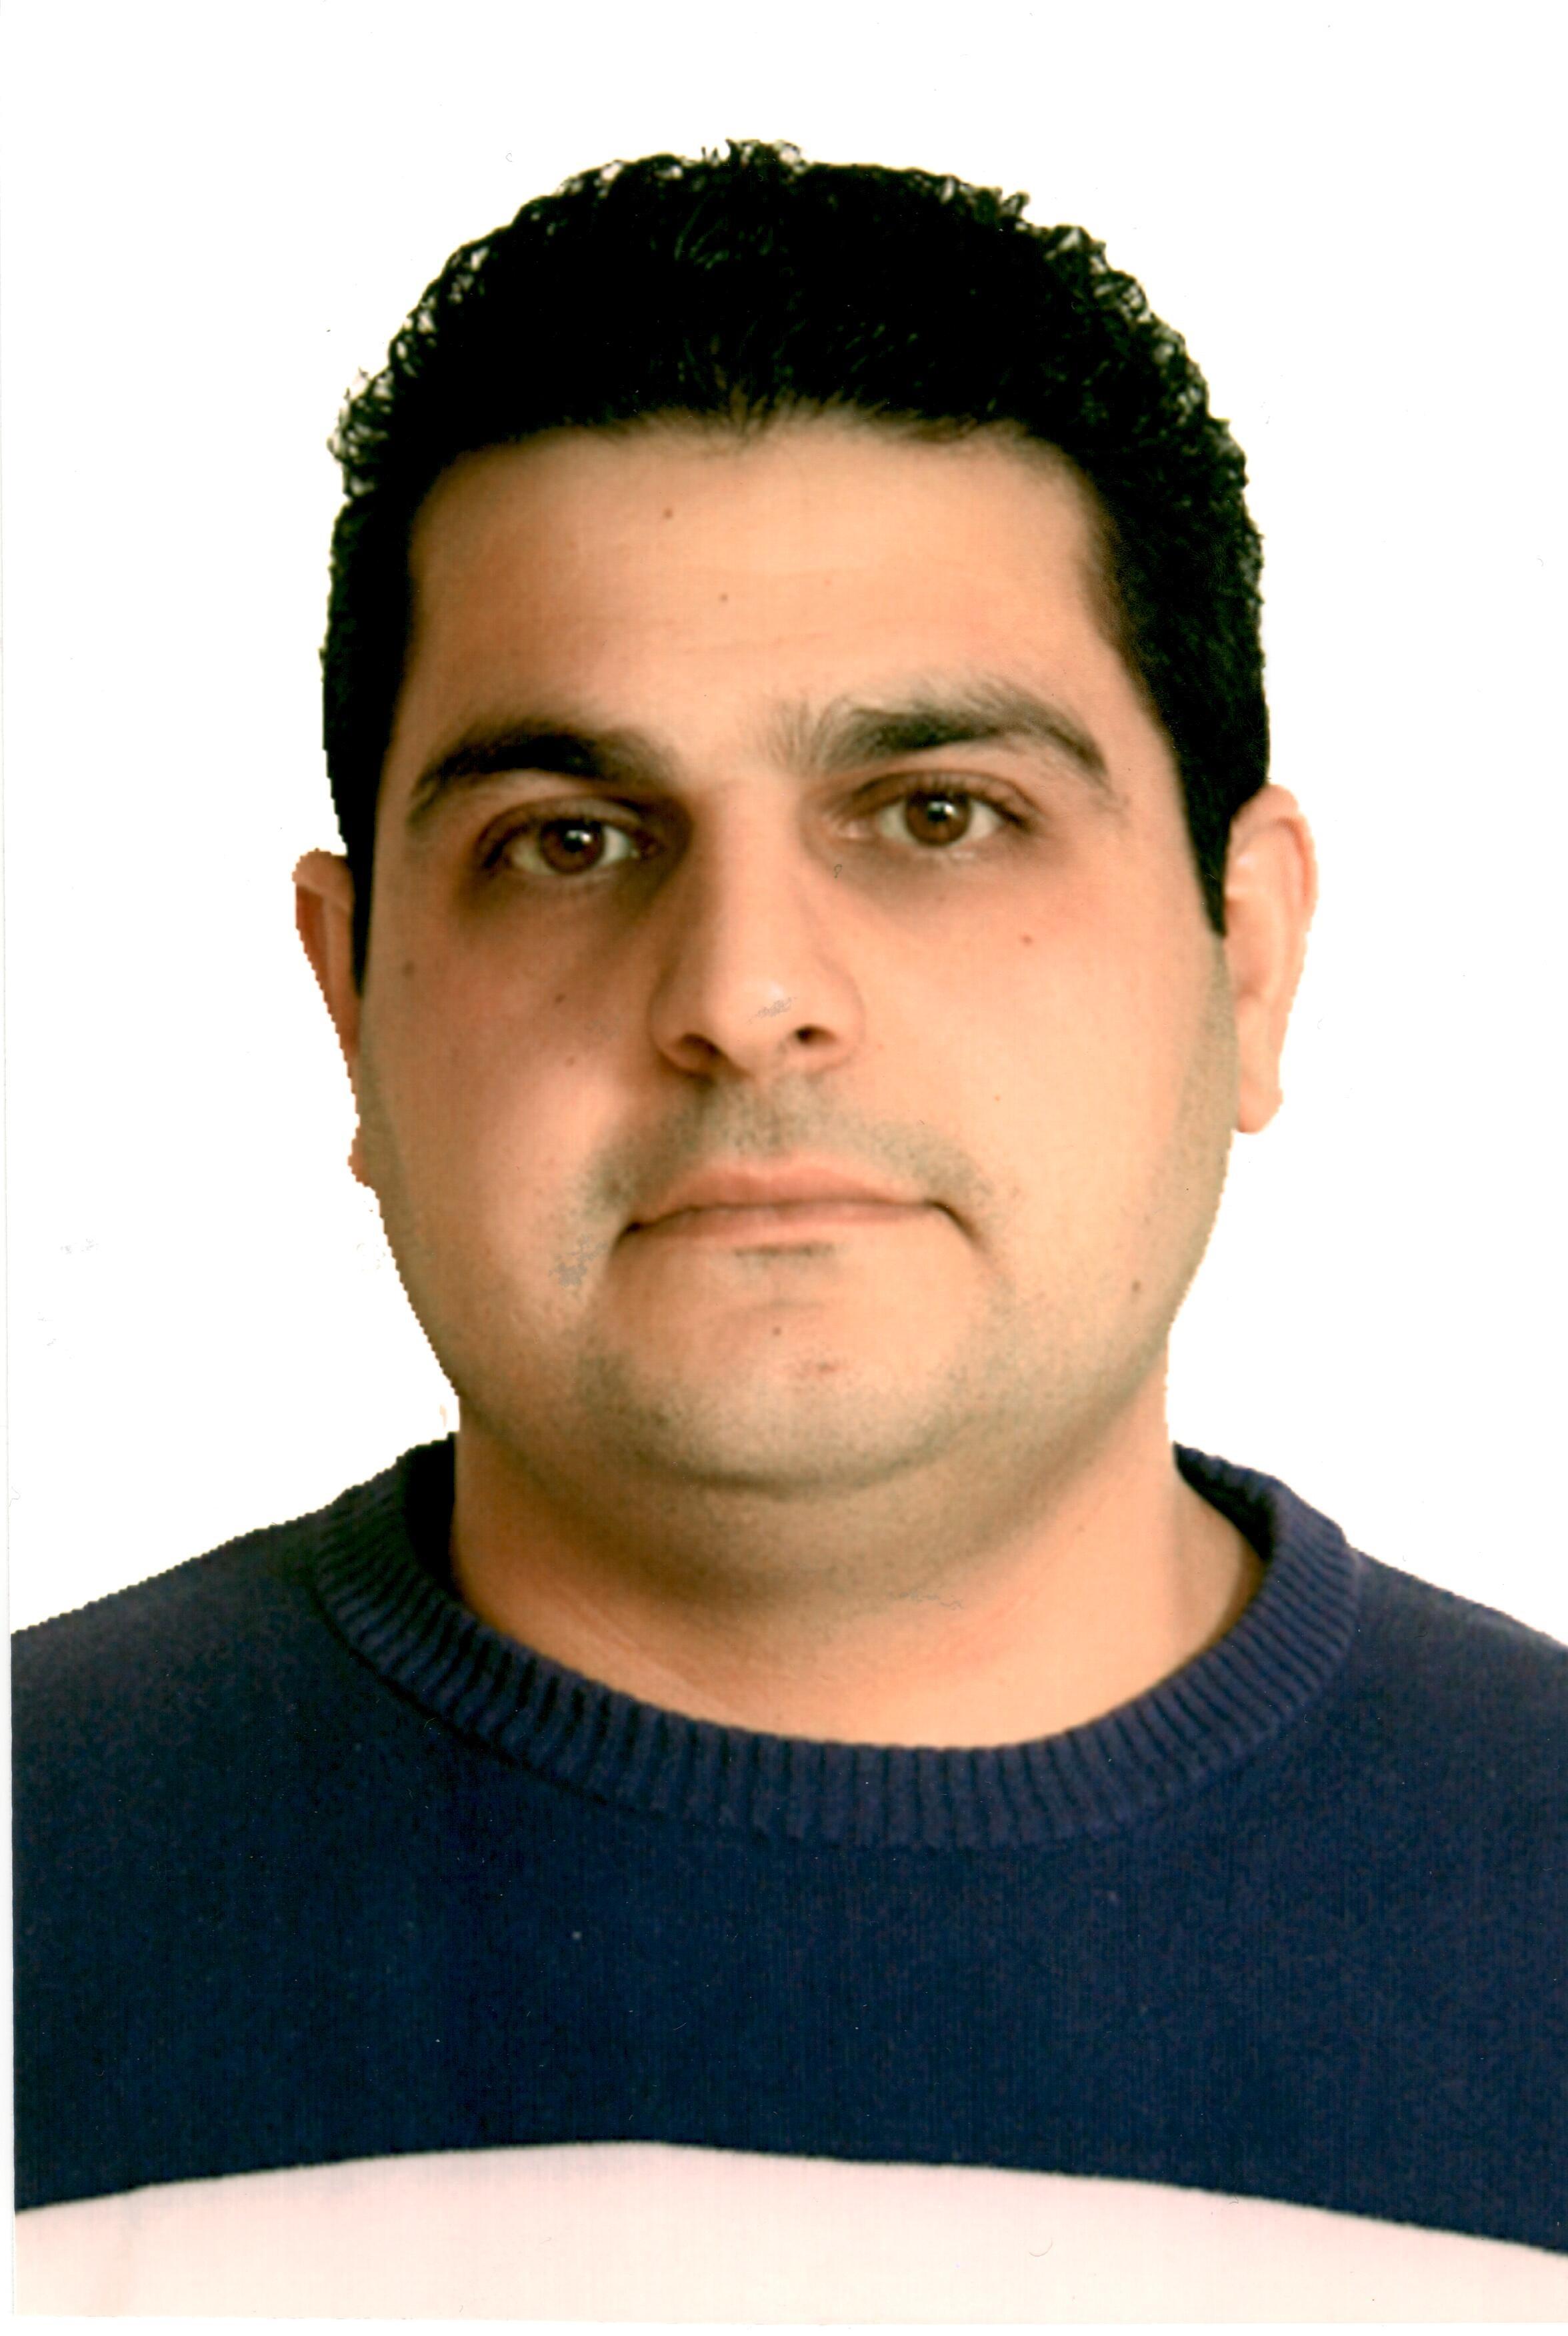 Mohamad Kheir Salloum